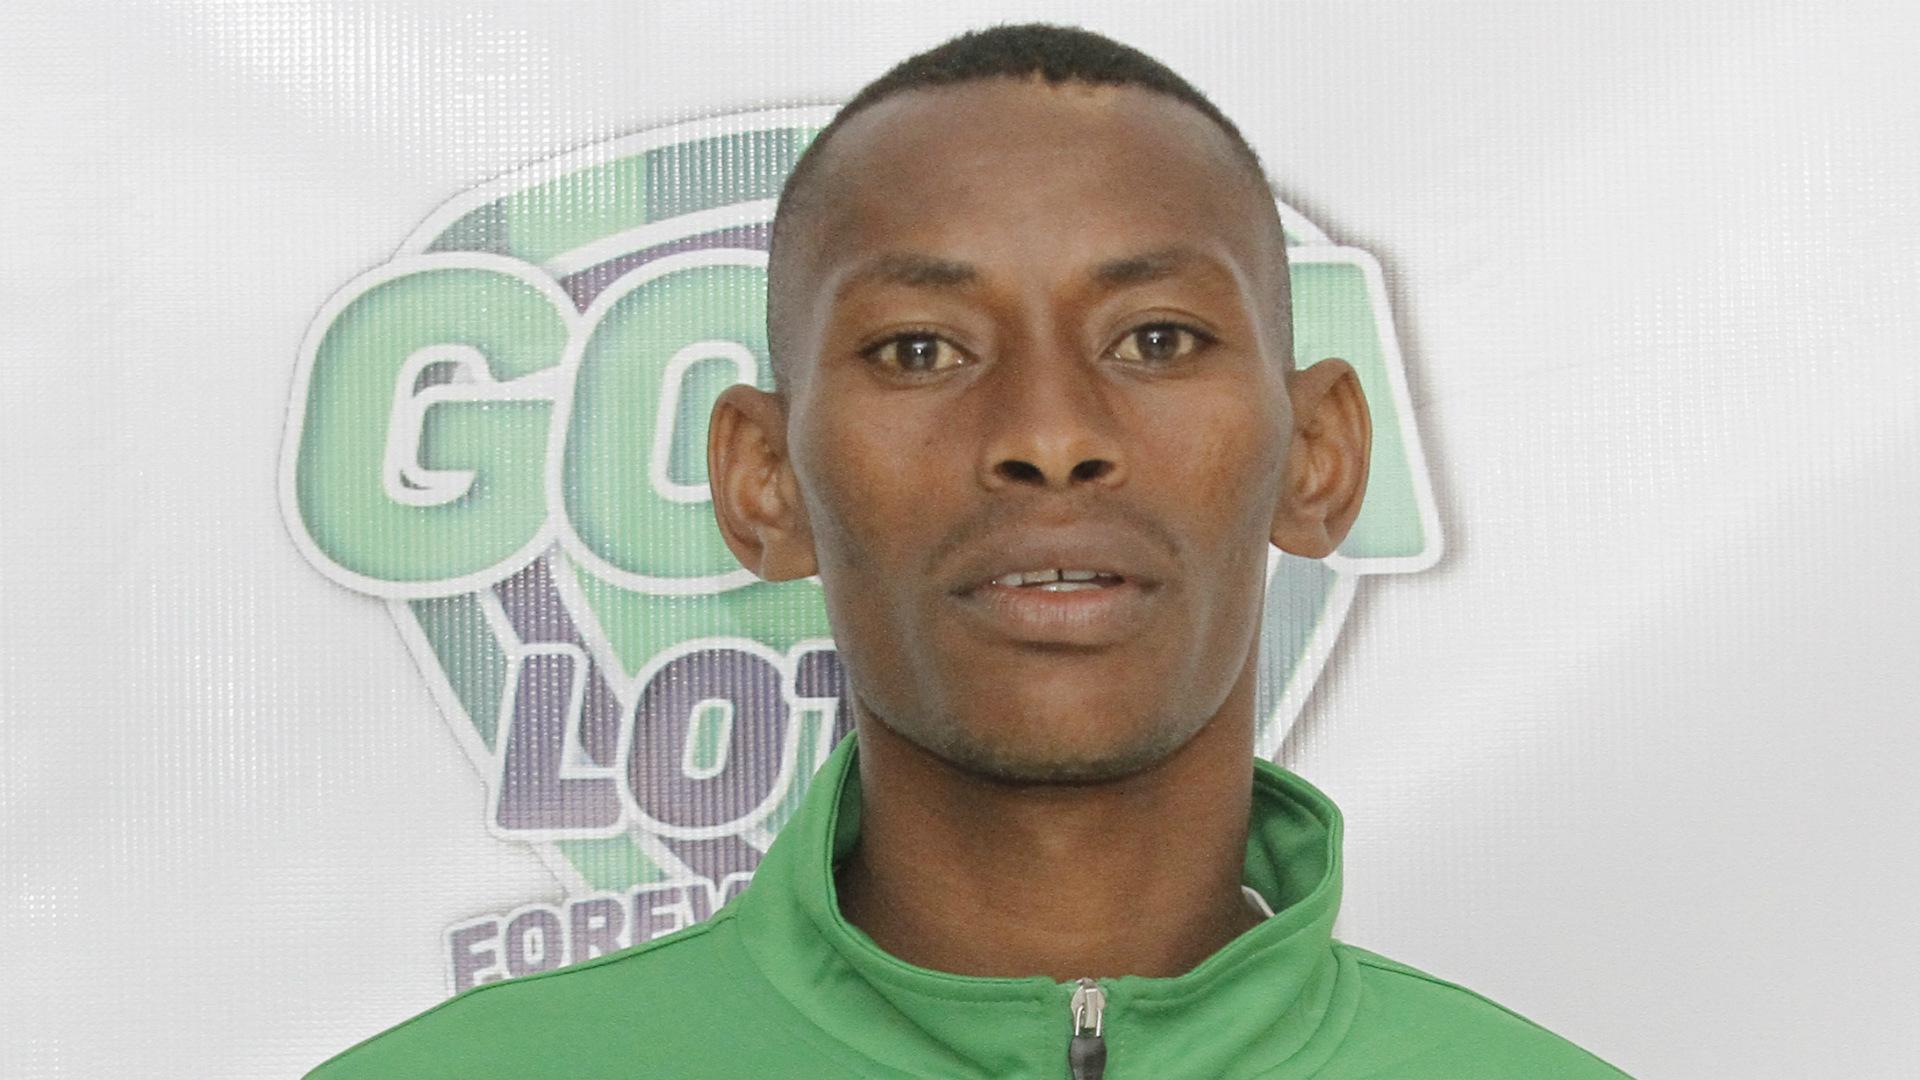 Mugiraneza: Namungo FC linked with transfer for ex-Gor Mahia striker